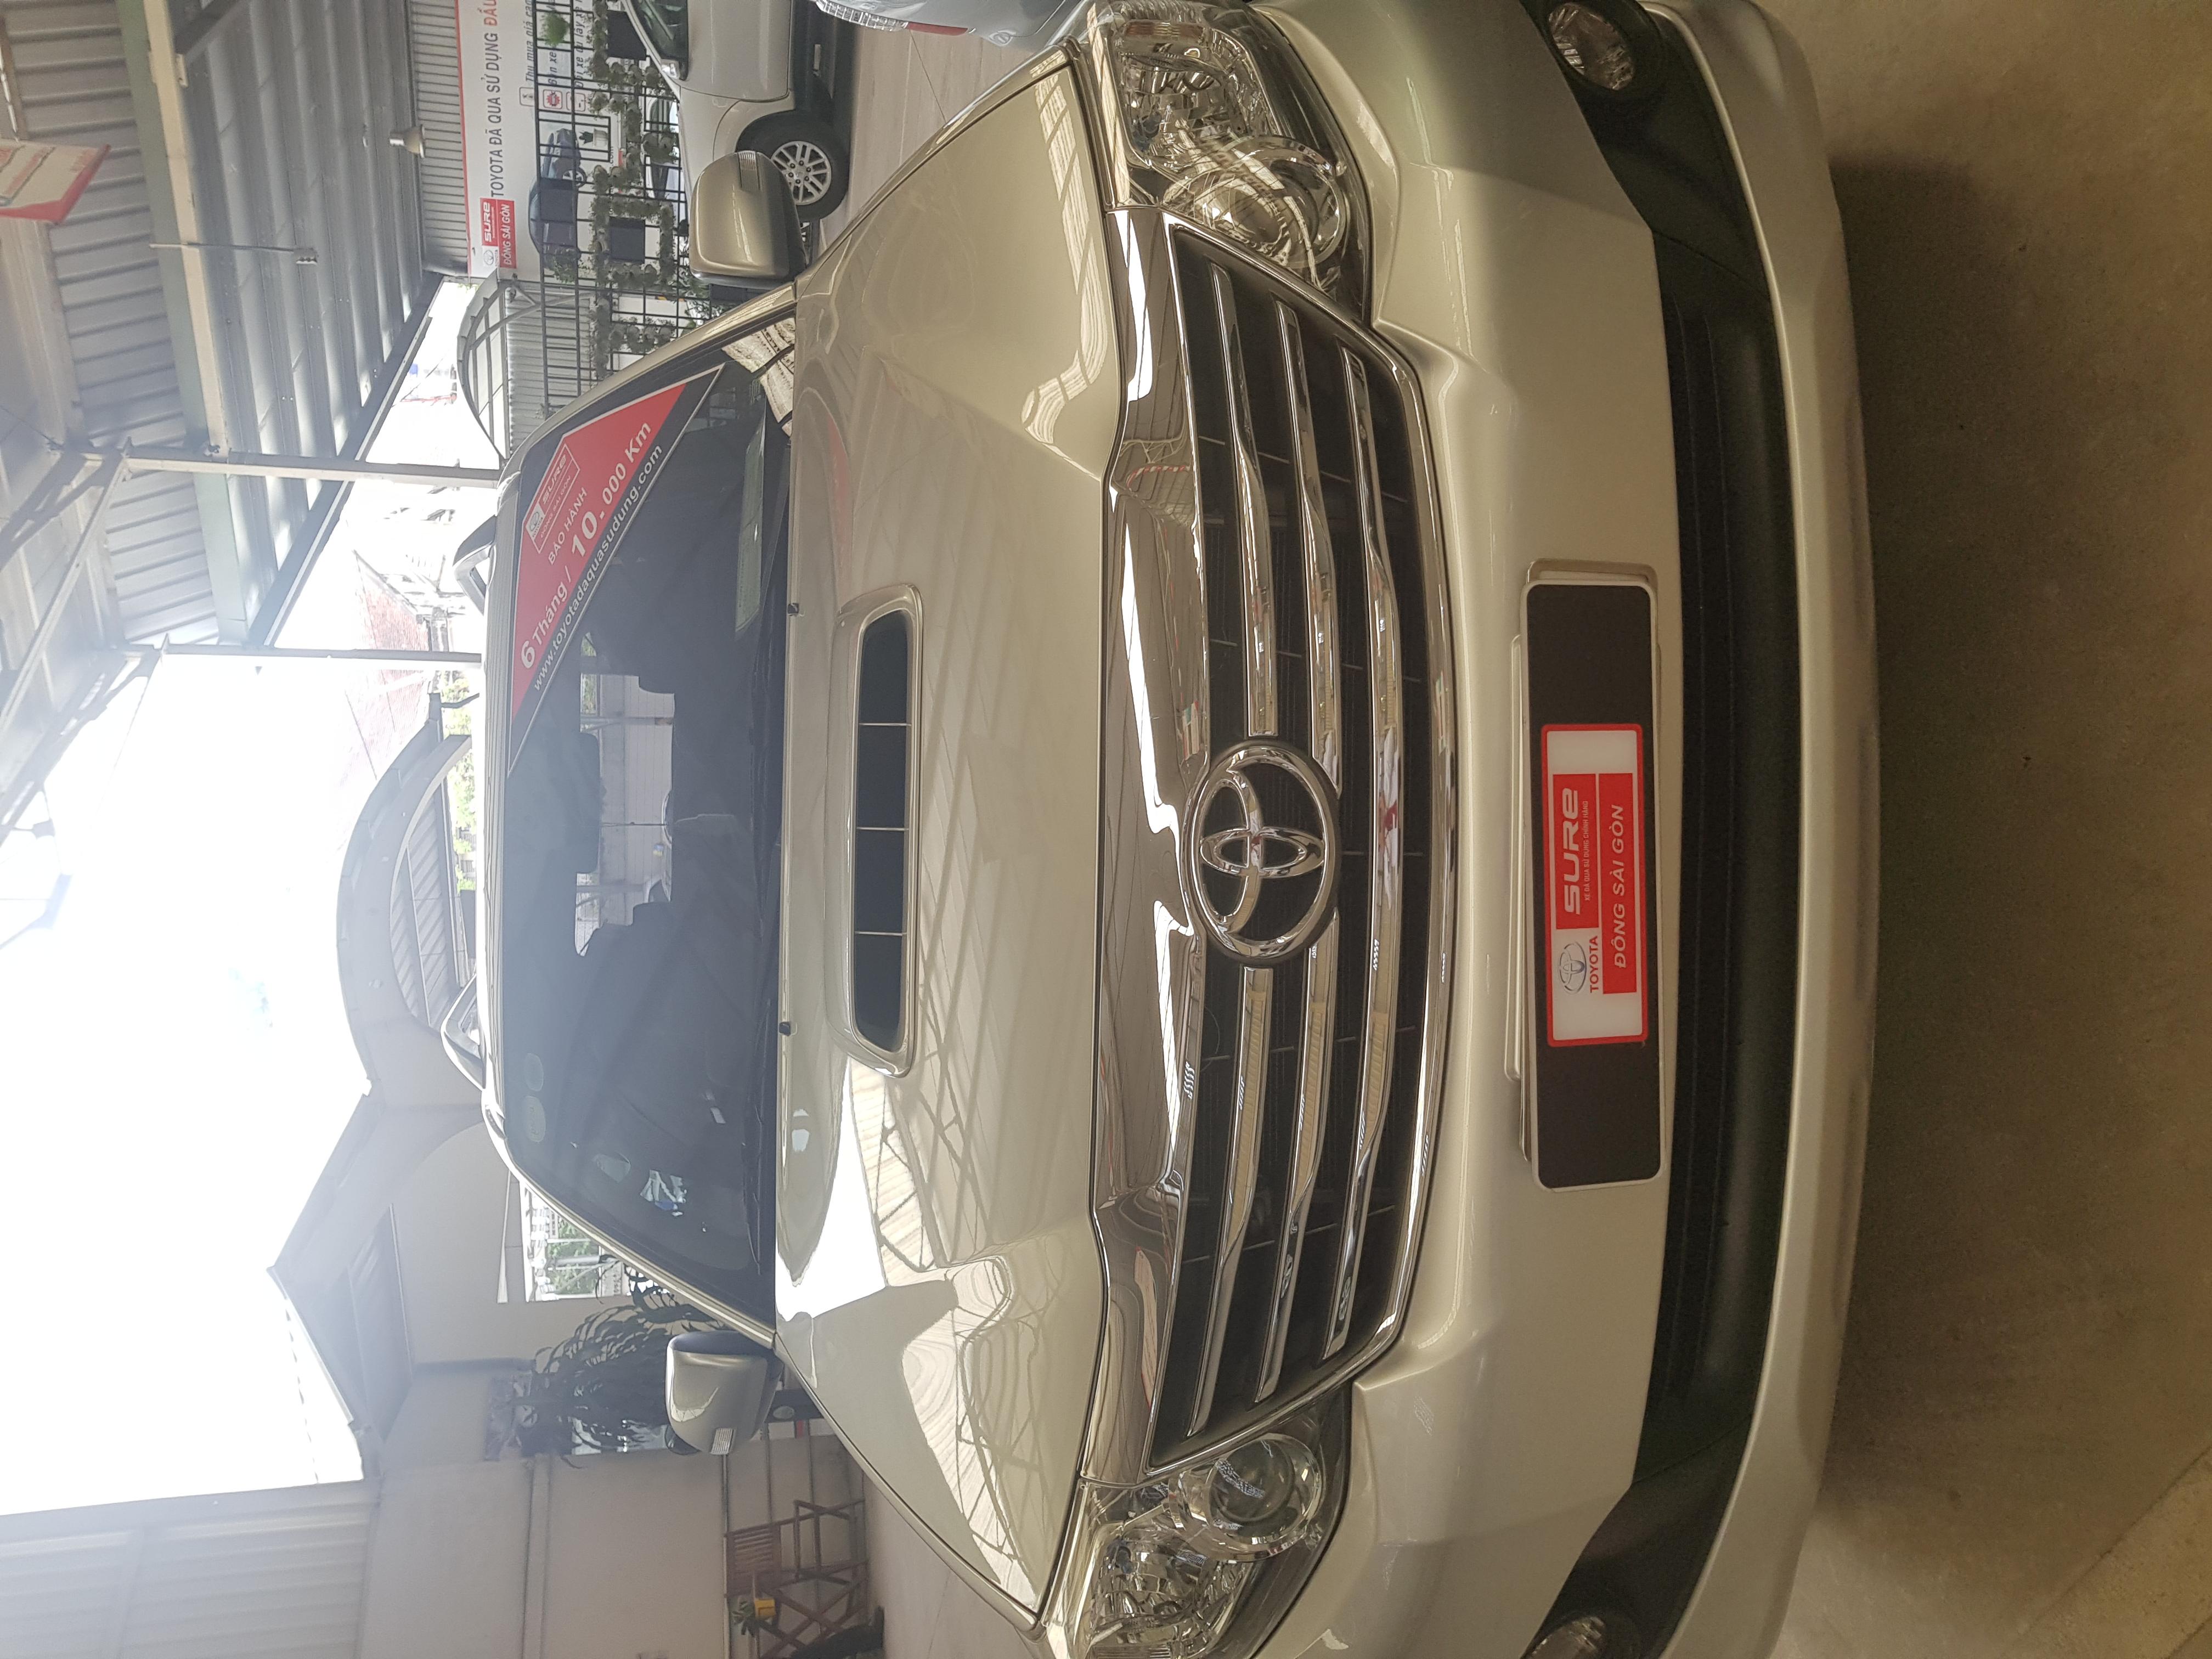 Bán xe Fortuner 2.5g ,2014, bạc ,xe có hỗ trợ vay, l.hệ trung 036 686 7378 để dc hỗ trợ giá tốt ạ